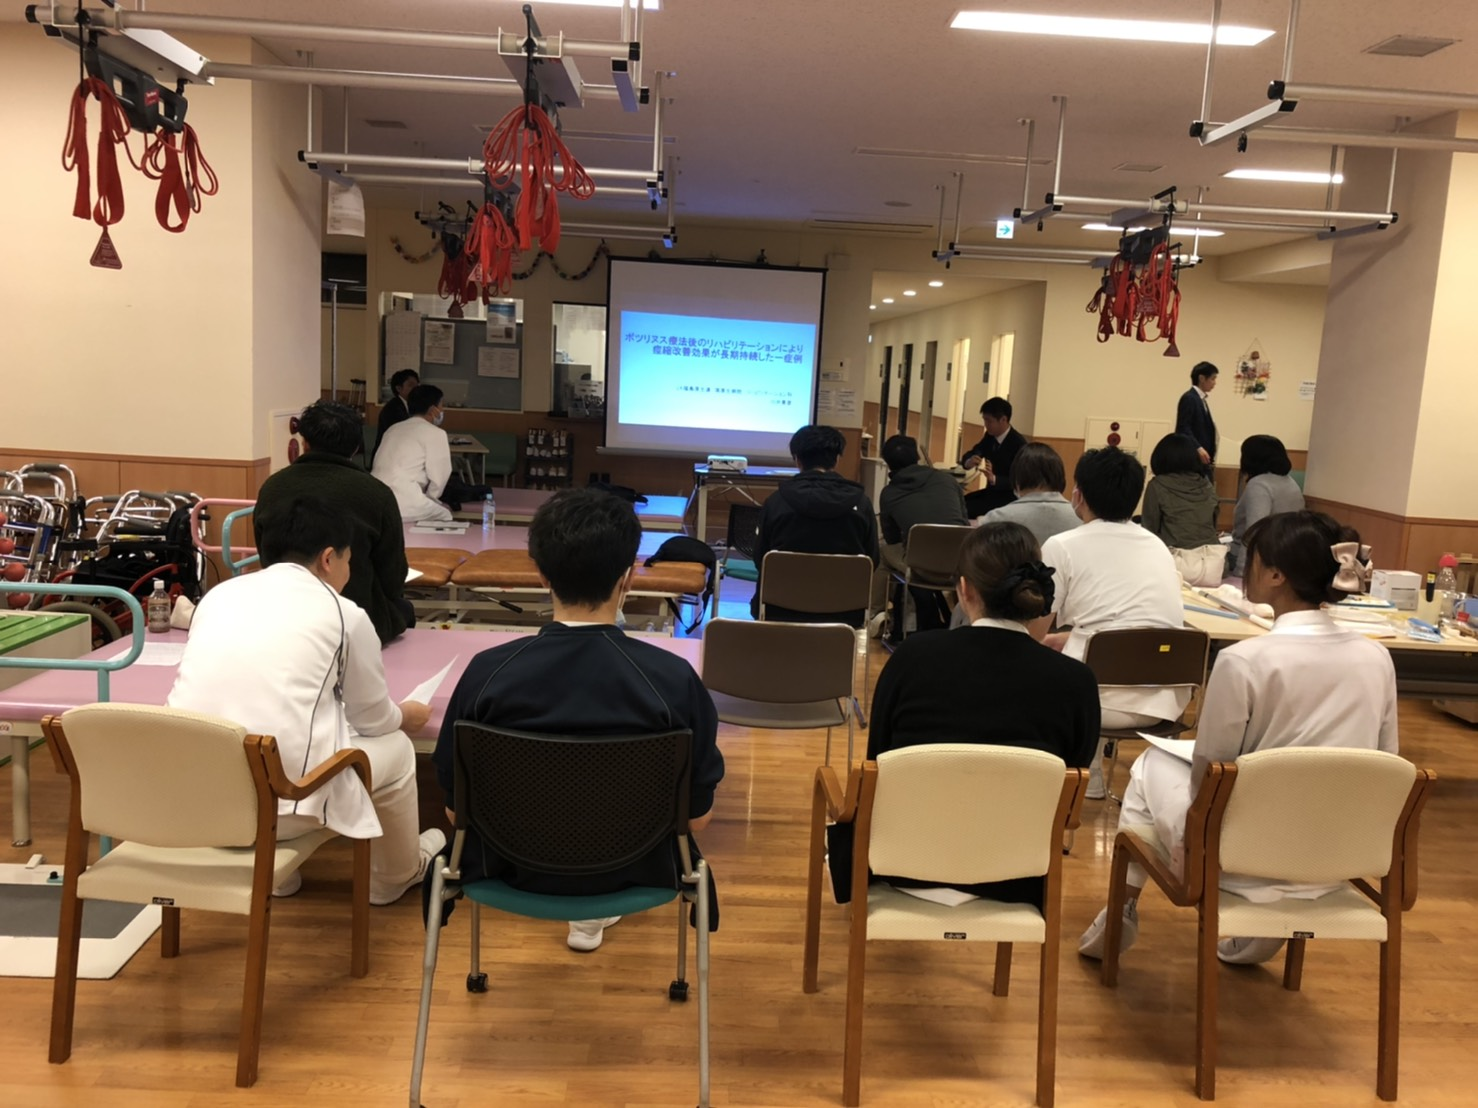 第1回県南支部症例検討会の開催写真